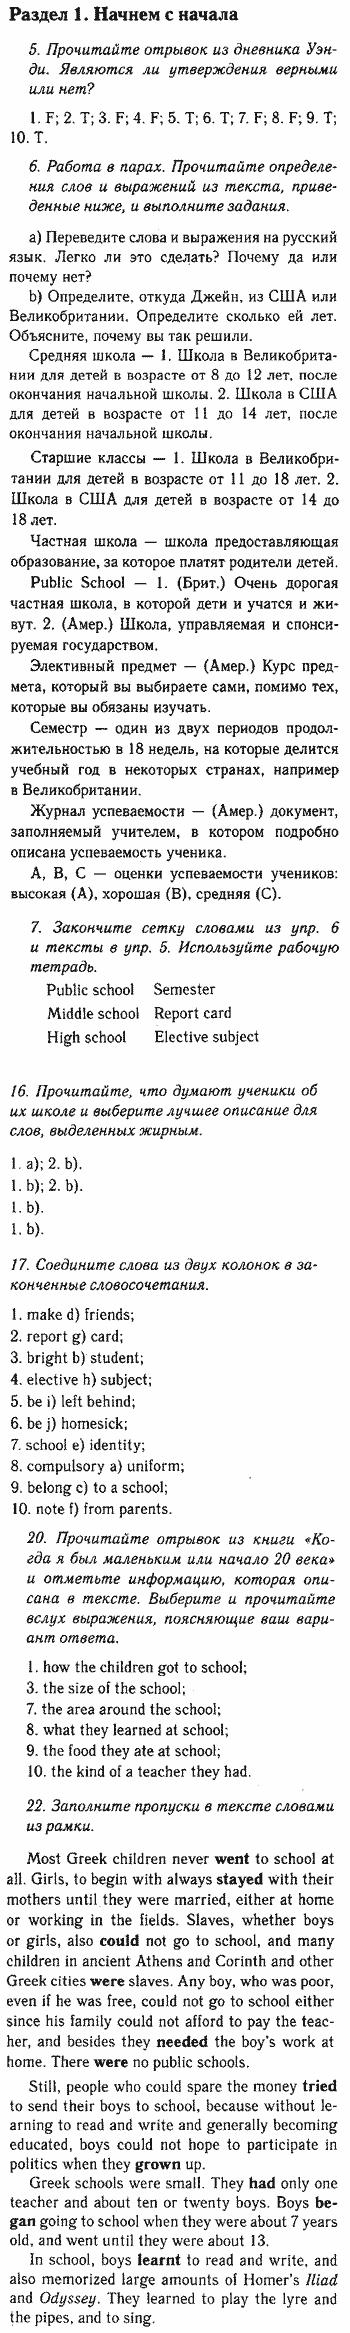 Английский язык 11 класс решебники и гдз.